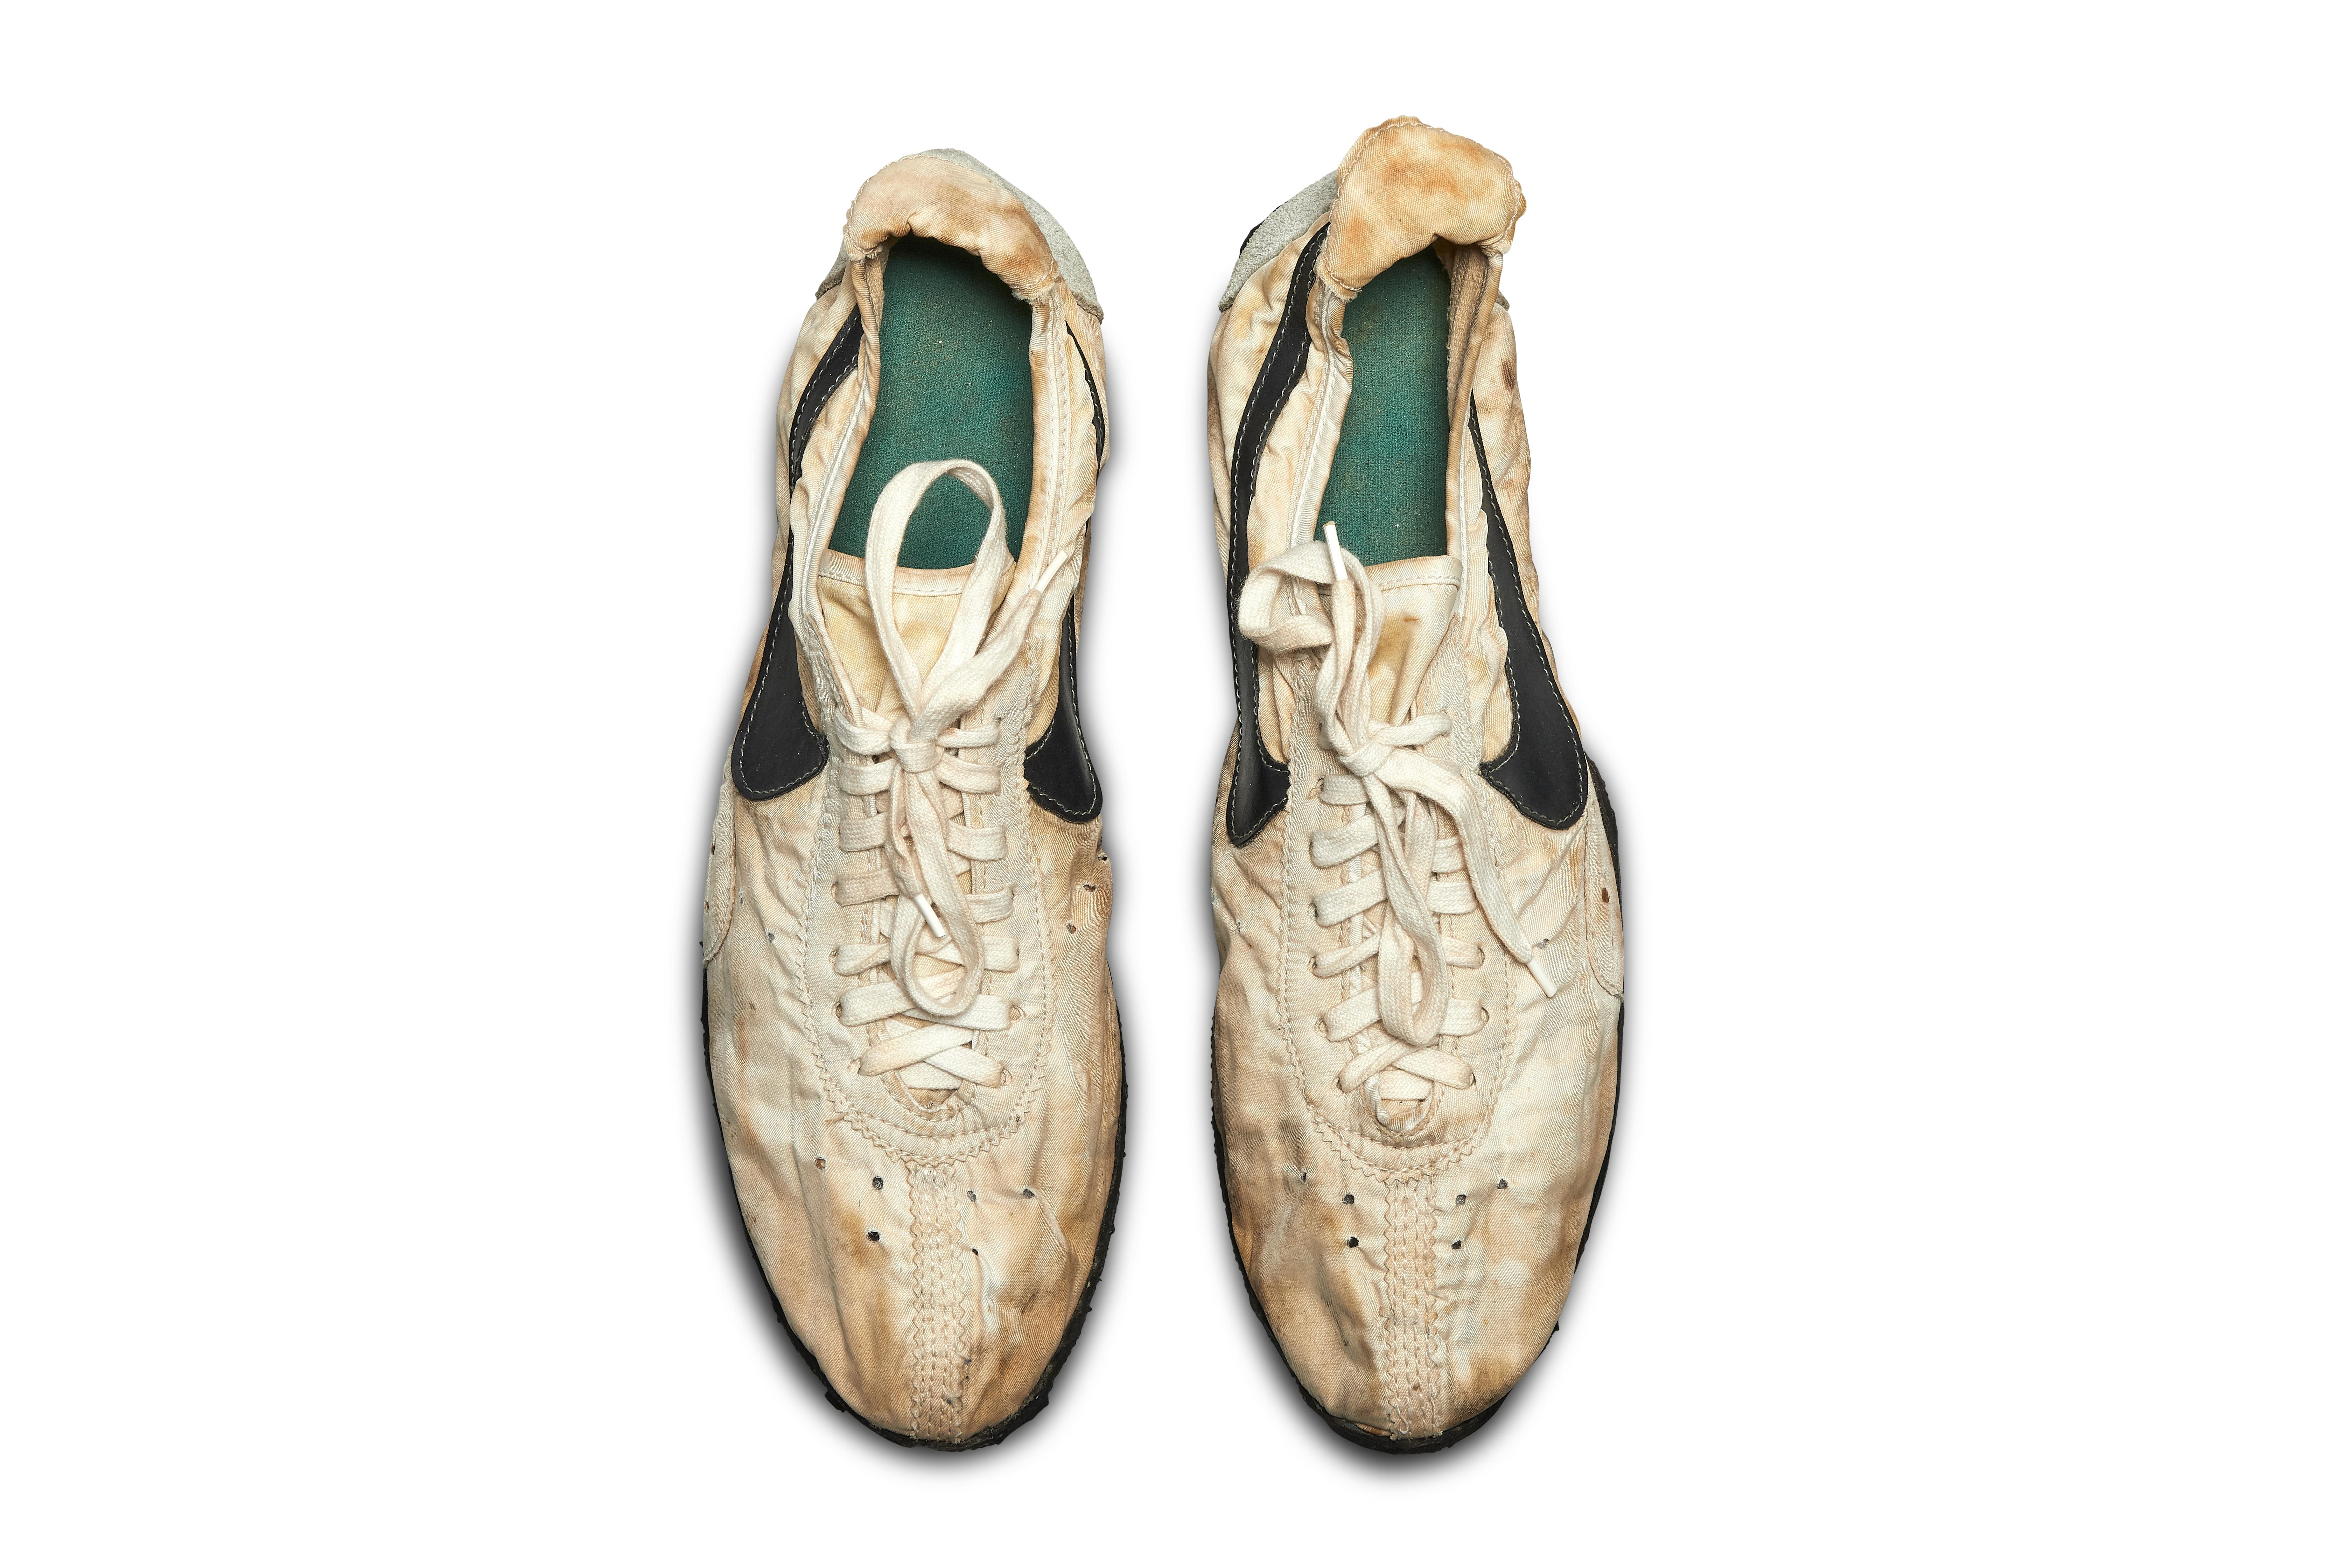 innovative design 05f5c e96e6 Rare Nike running shoes sell for 437,500 dollars ...